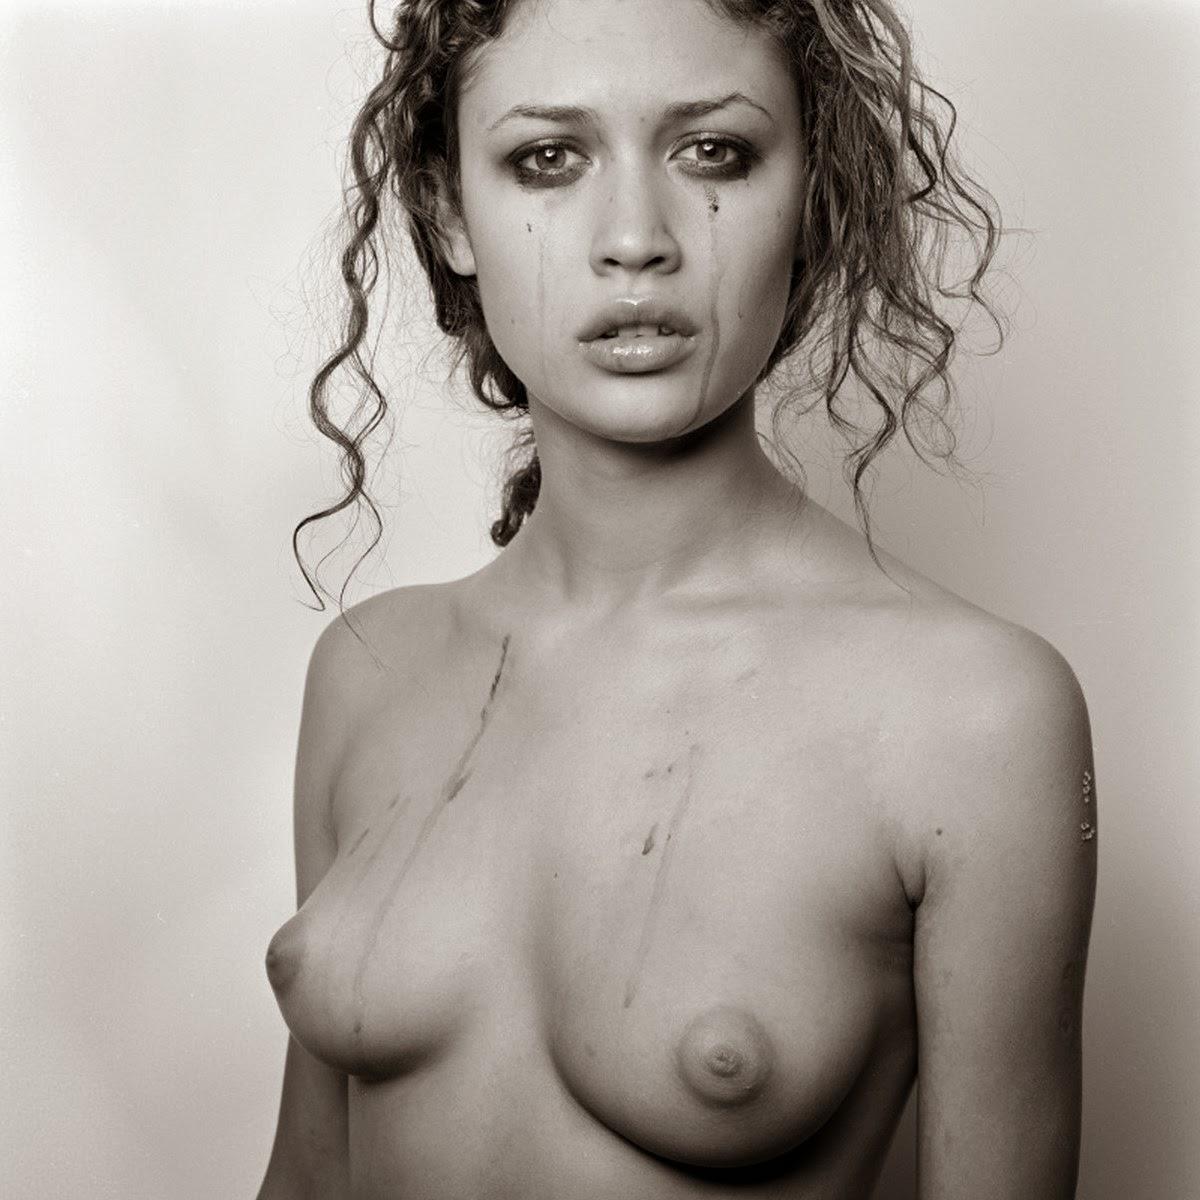 Реальное фото голых знаменитостей 13 фотография